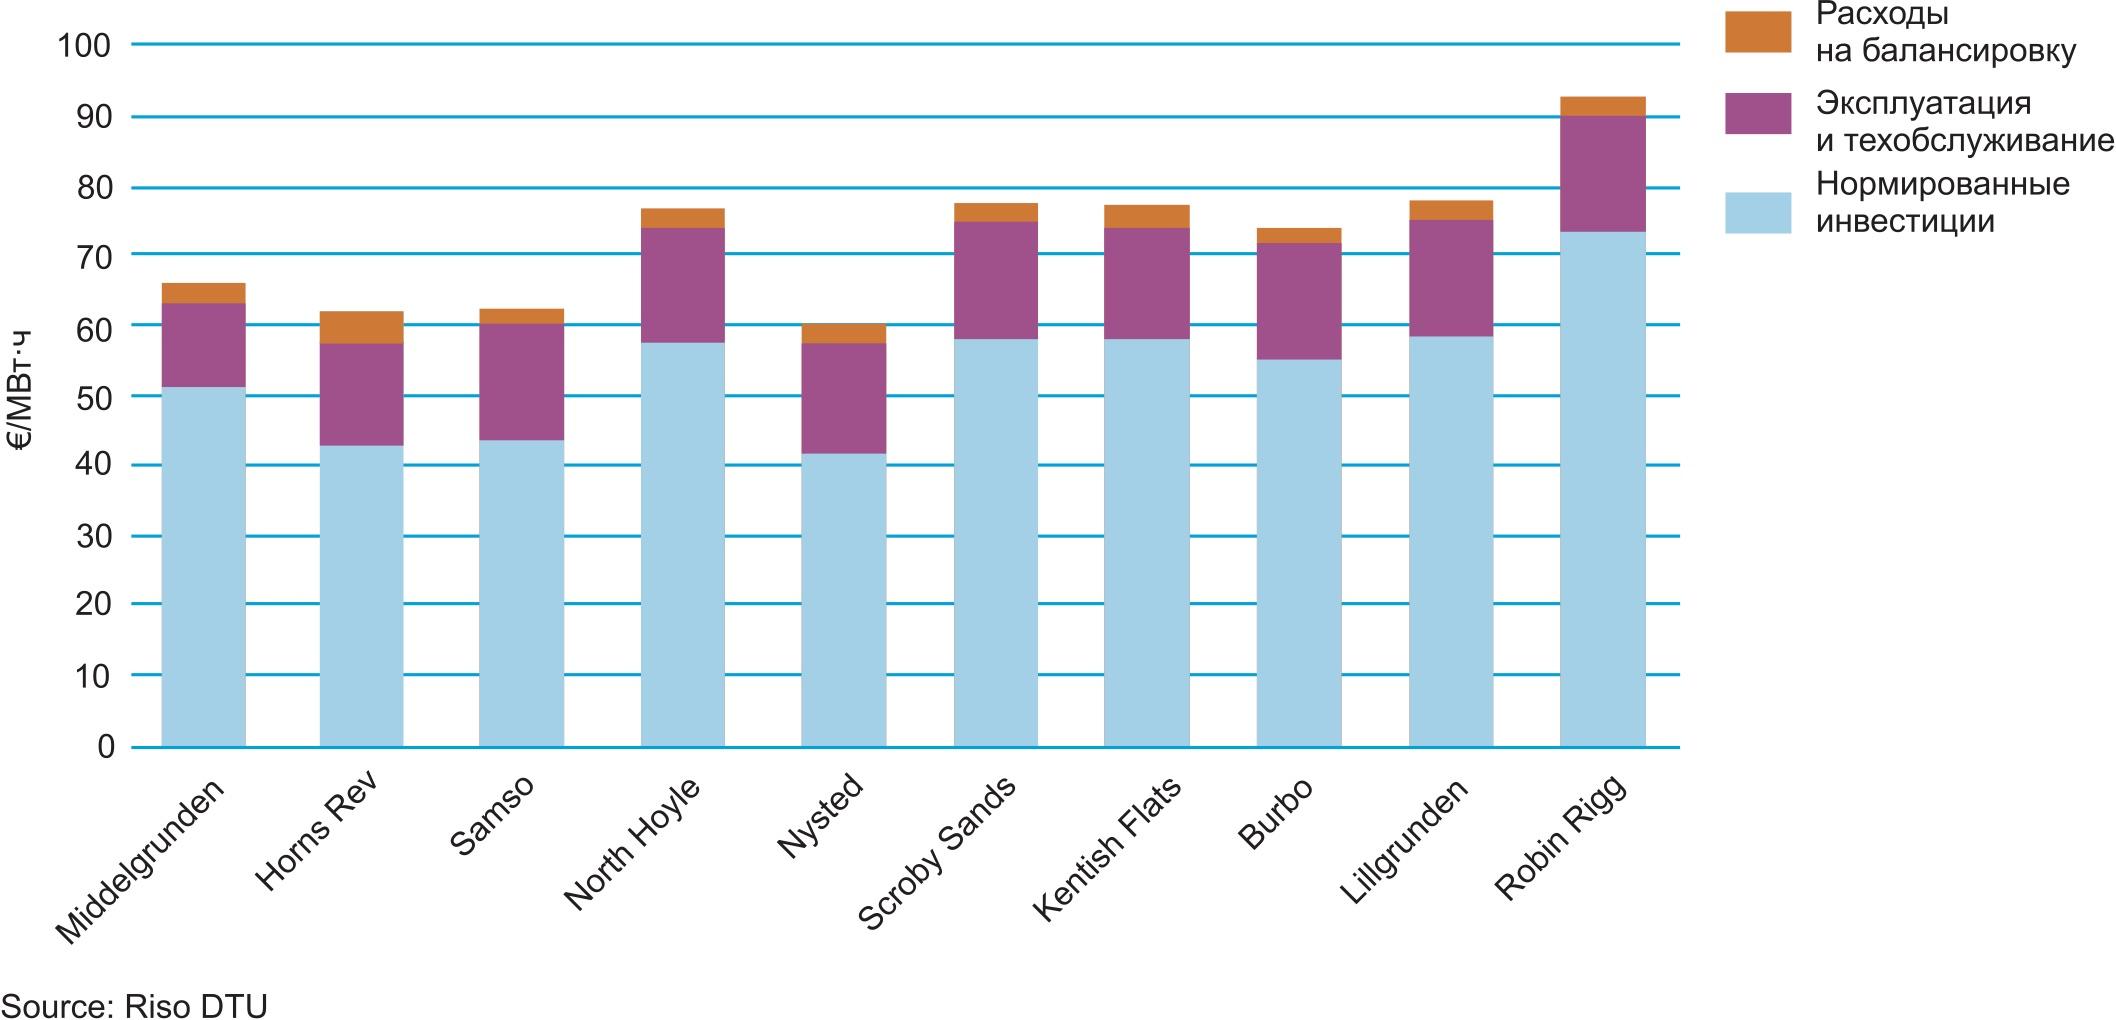 Расчетные производственные расходы для офшорных ВЭУ (включая затраты на балансировку в ценах 2006 г.)